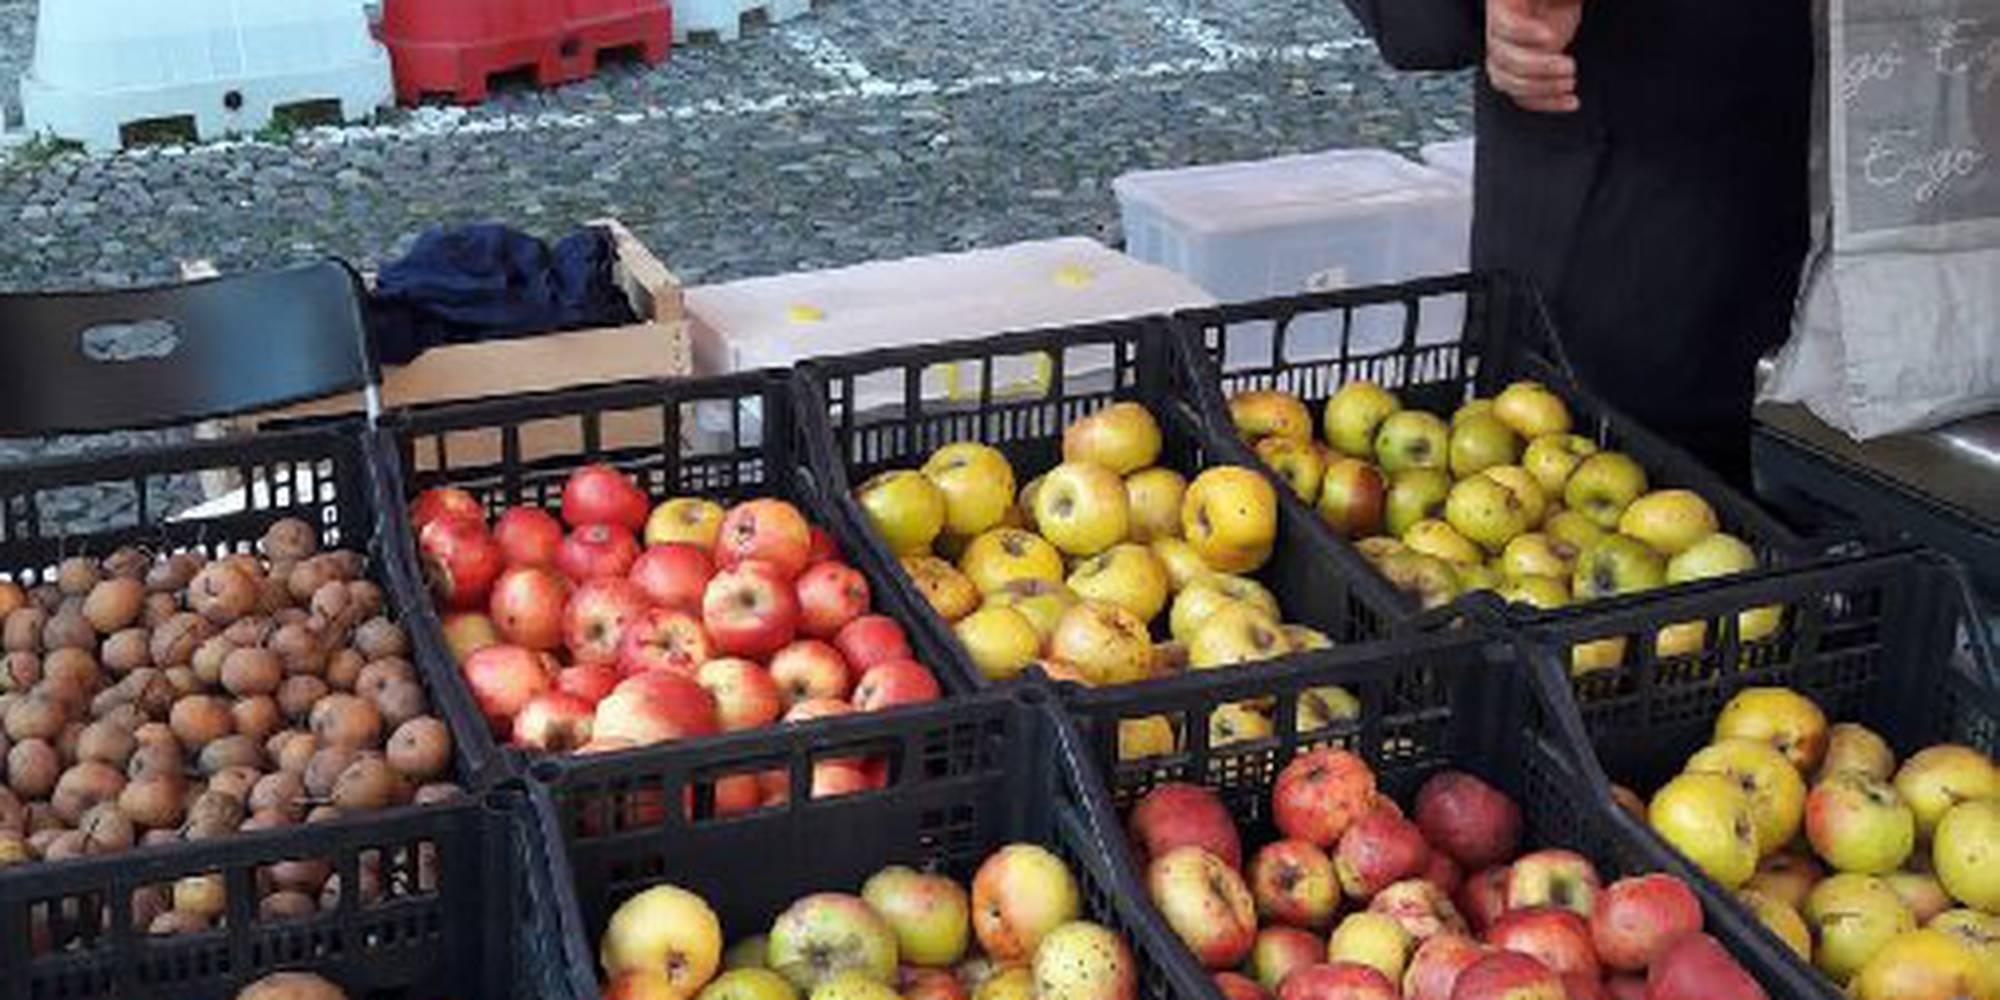 foto_mercato_contadino_di_guastalla_(3).jpg